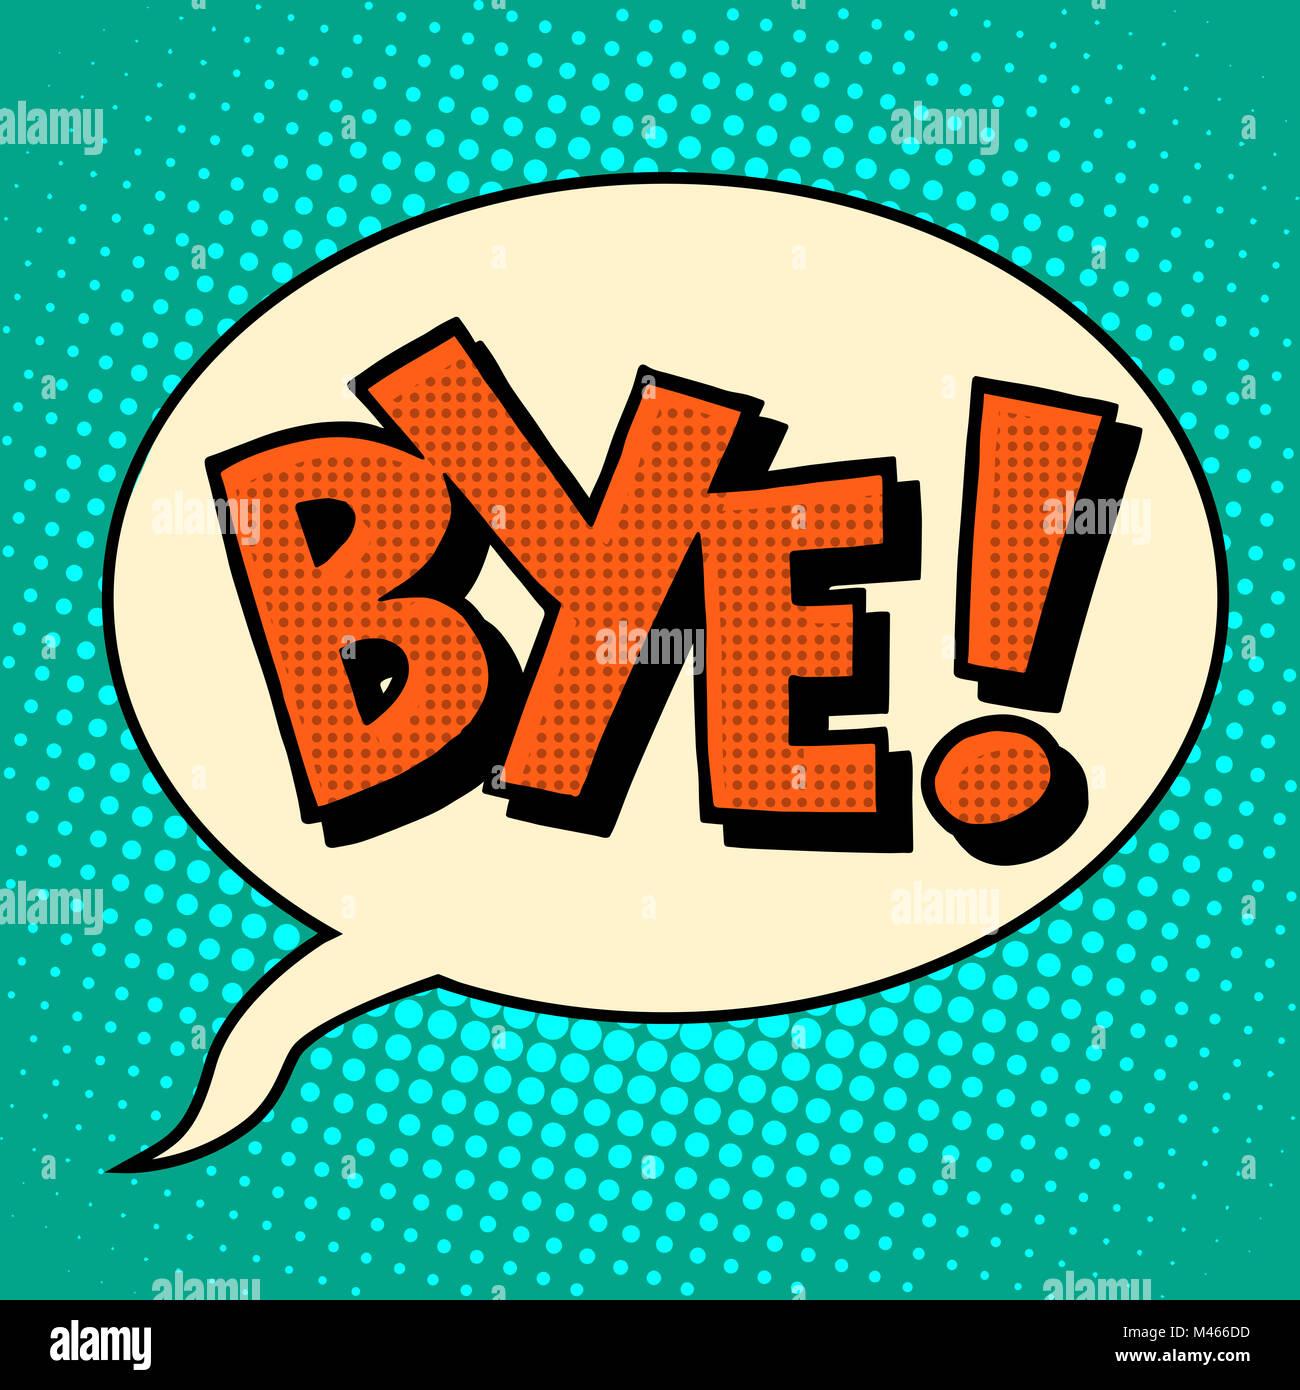 Goodbye bye comic bubble text - Stock Image